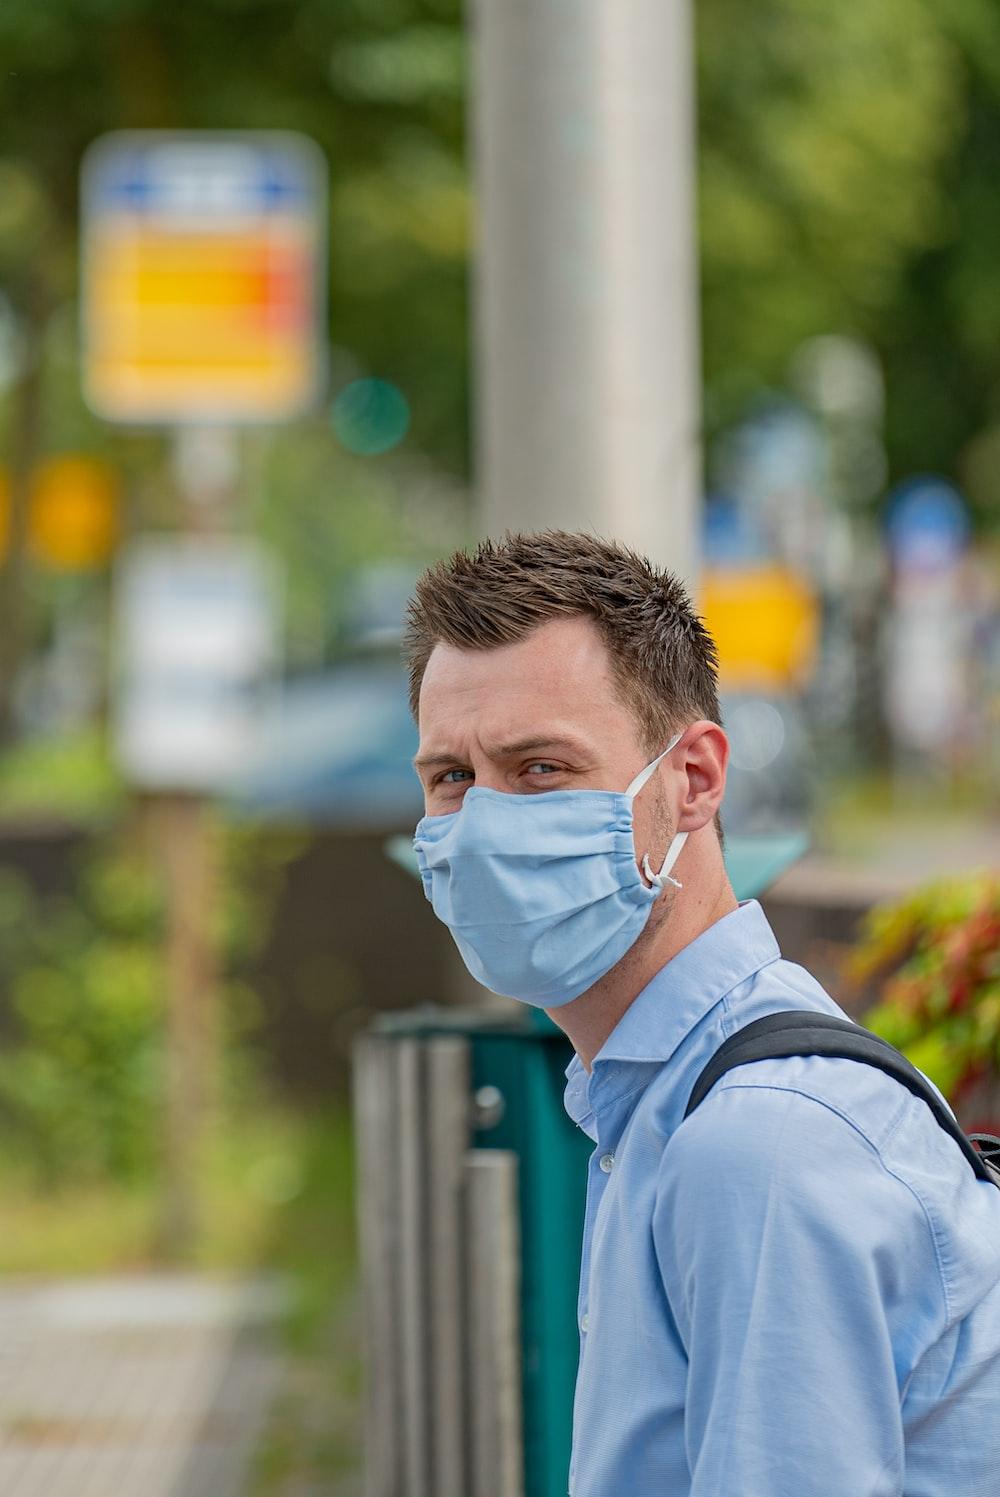 man in blue dress shirt wearing eyeglasses